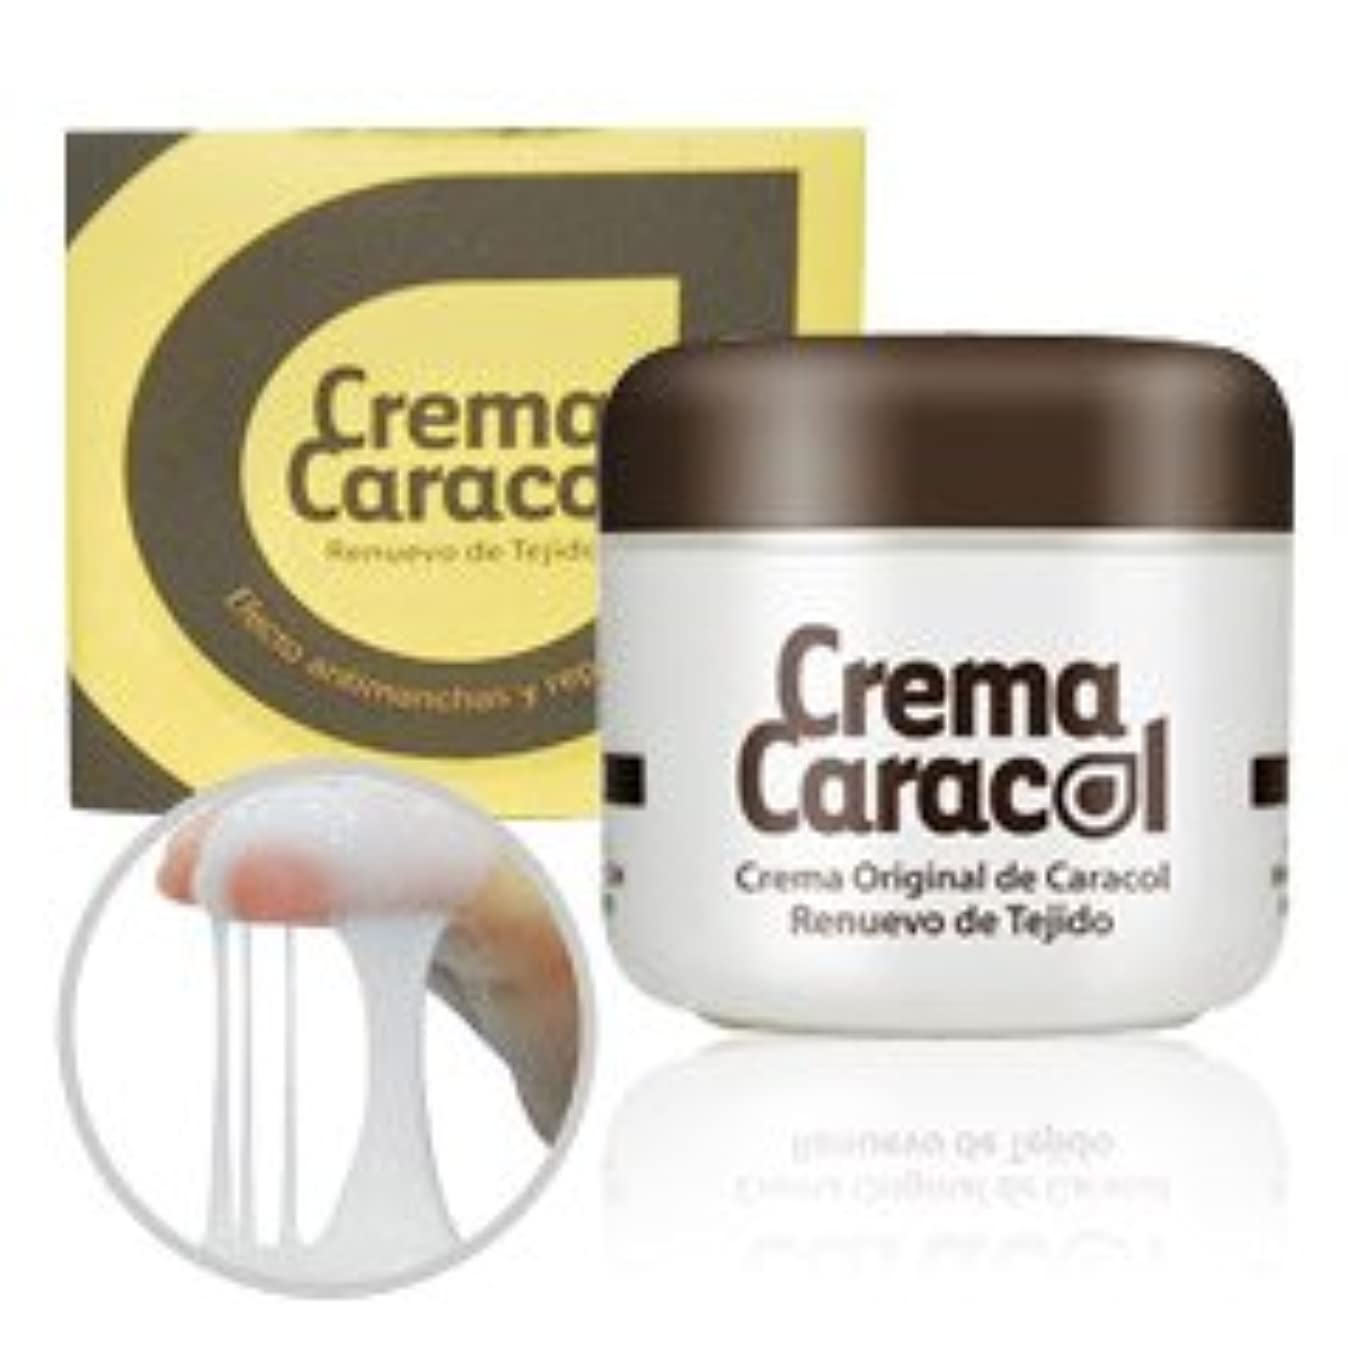 立ち向かうステートメントラフトcrema caracol(カラコール) かたつむりクリーム 3個セット